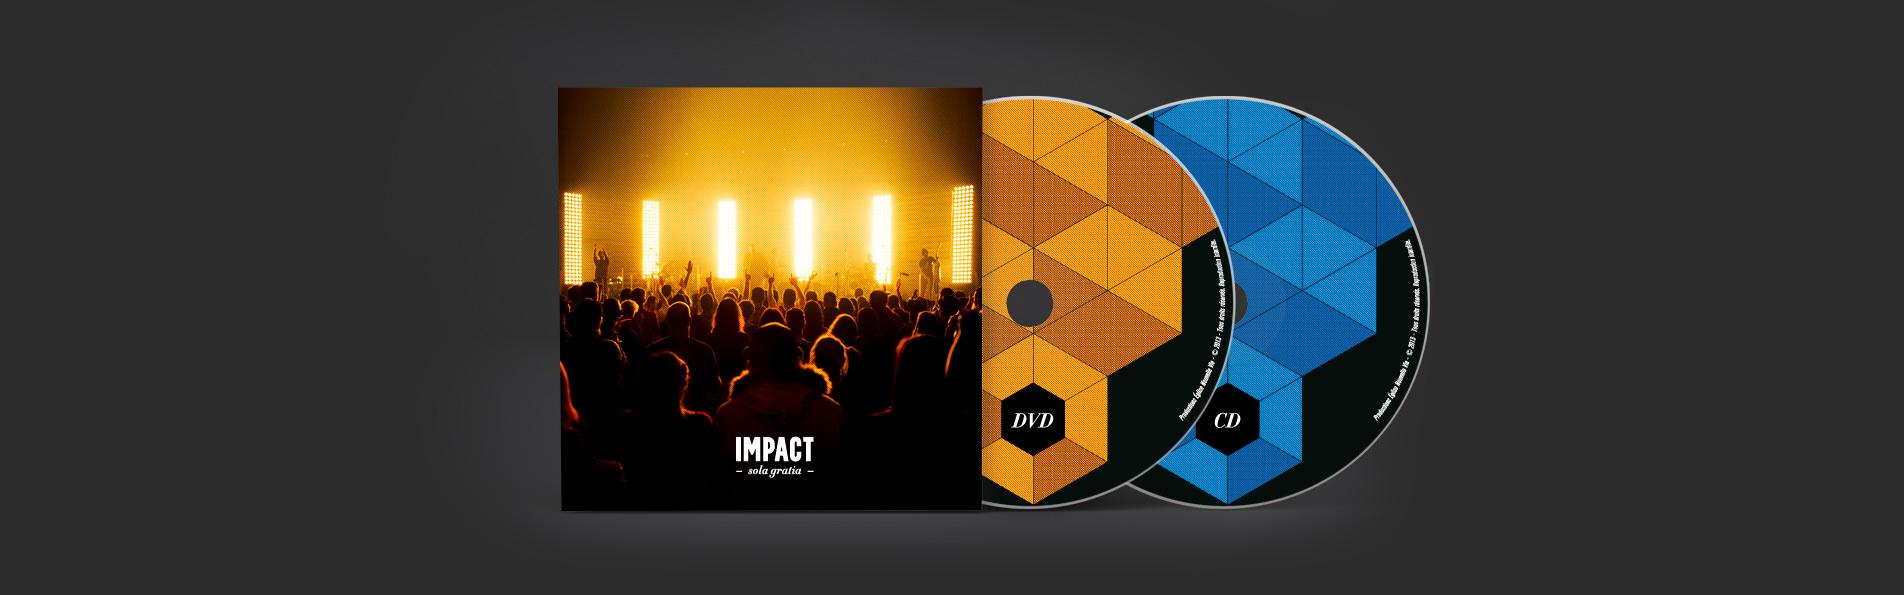 Sola-gratia-impact-02